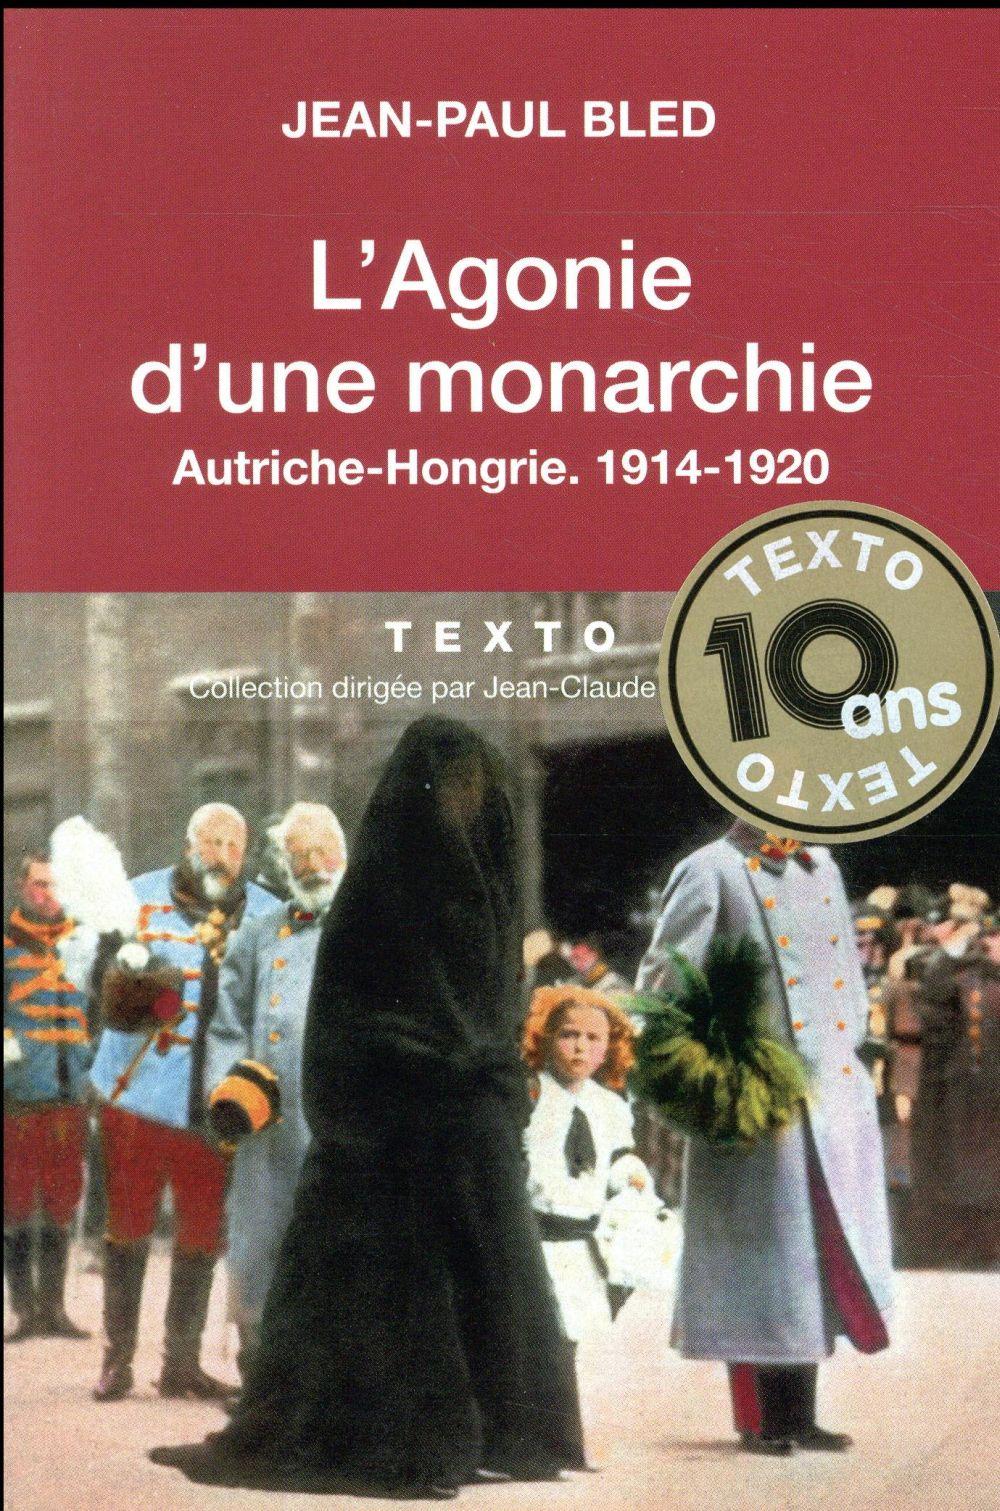 L'agonie d'une monarchie ; Autriche-Hongrie 1914-1920